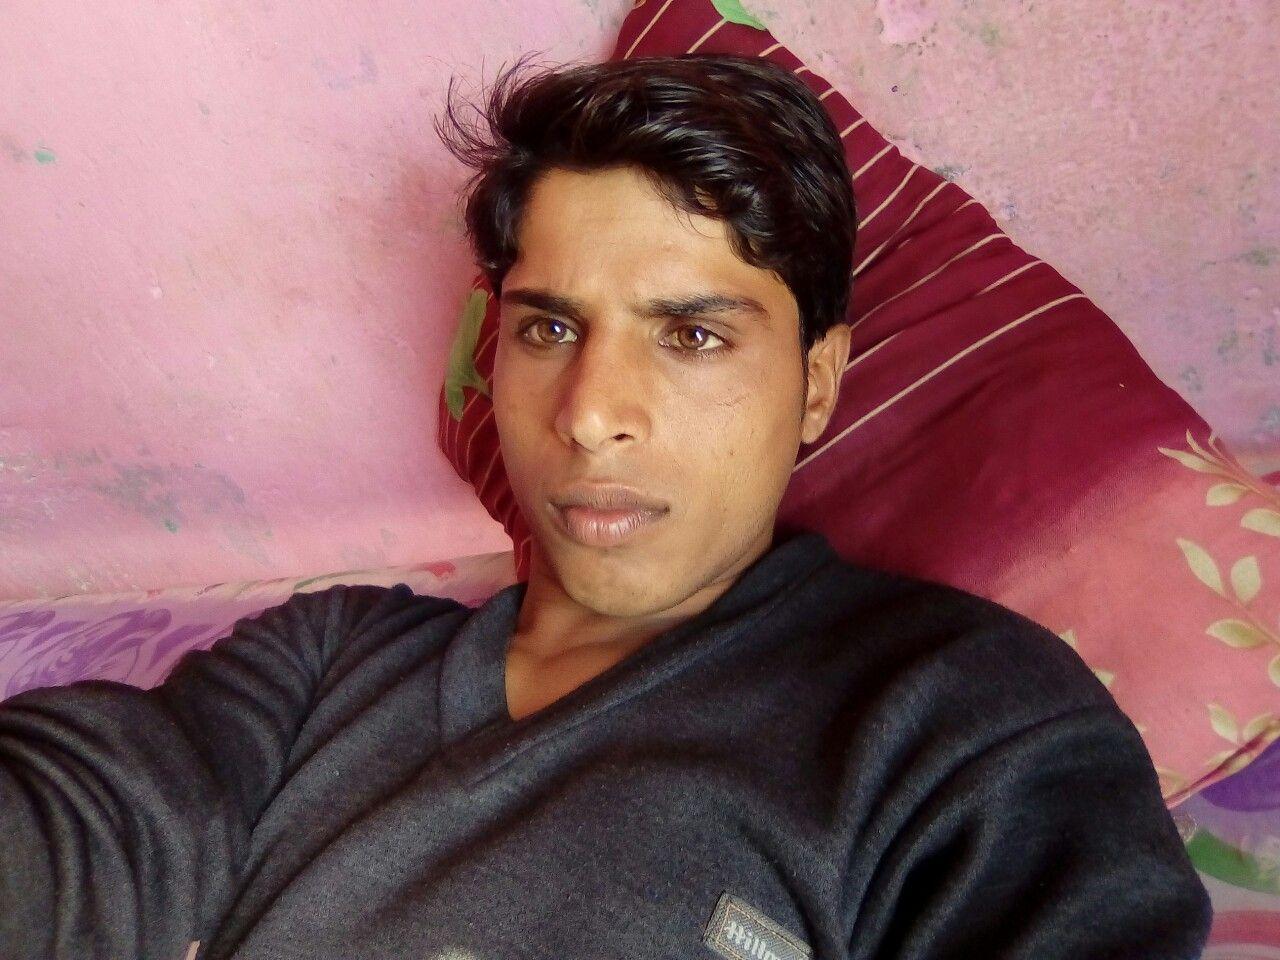 Pin de dm53784@gmail.com en dinesh meena | Pinterest